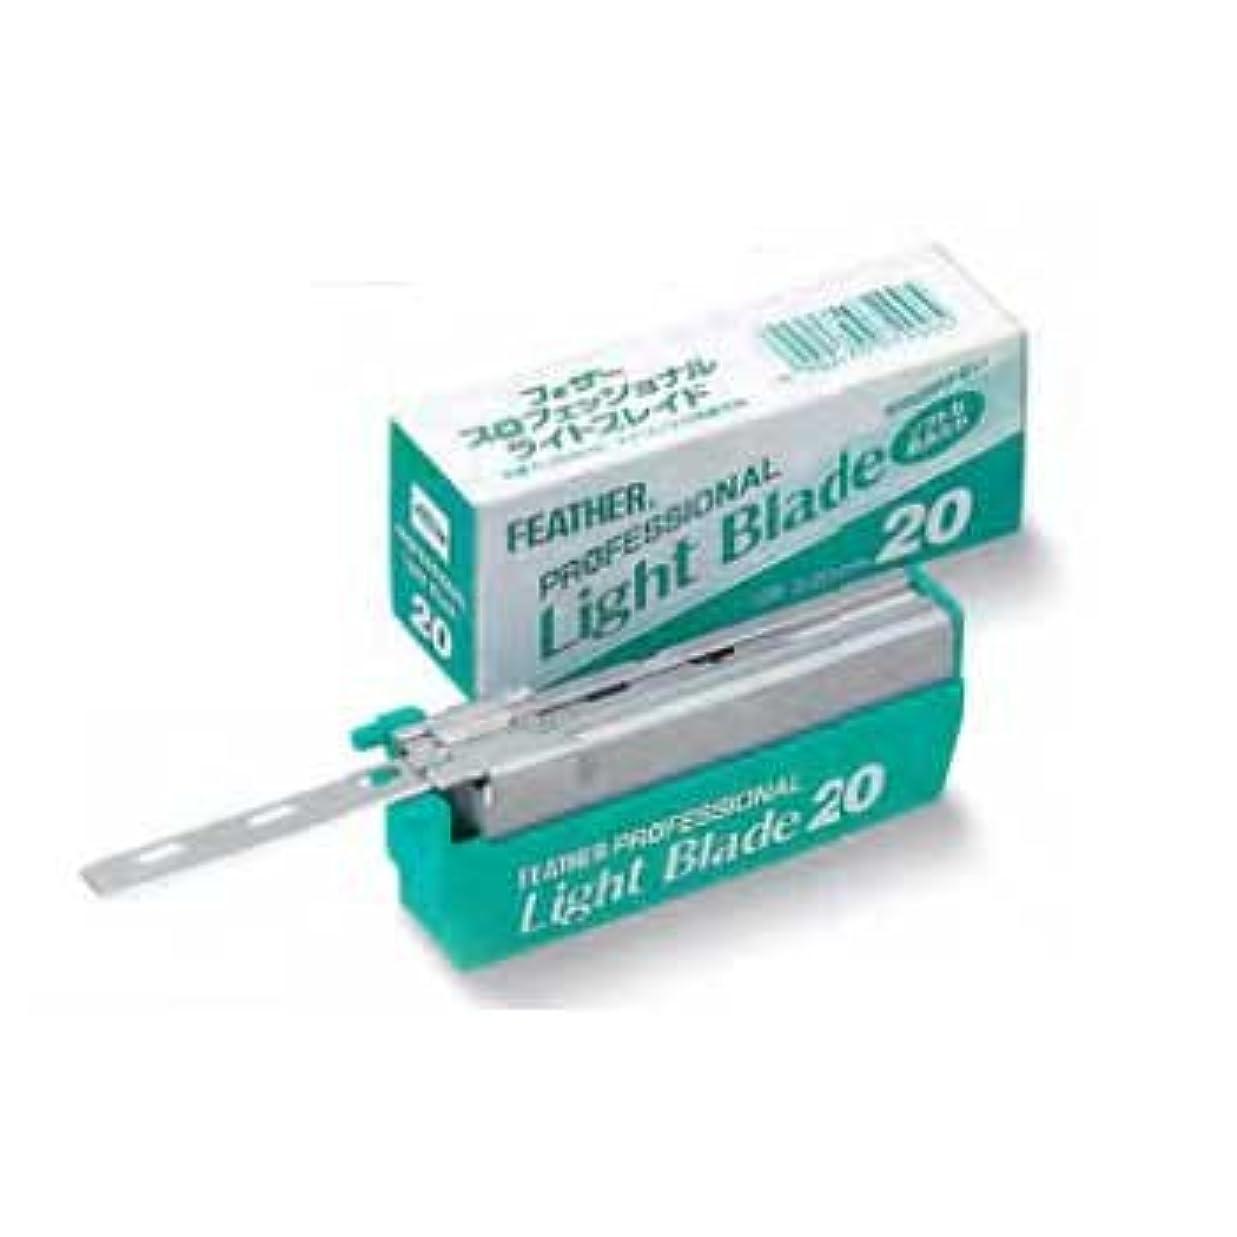 フェザー プロフェッショナル ライトブレイド PL-20 20枚×10 替刃 刃の出が少ないソフトな肌当たり FEATHER アーティストクラブ用替刃